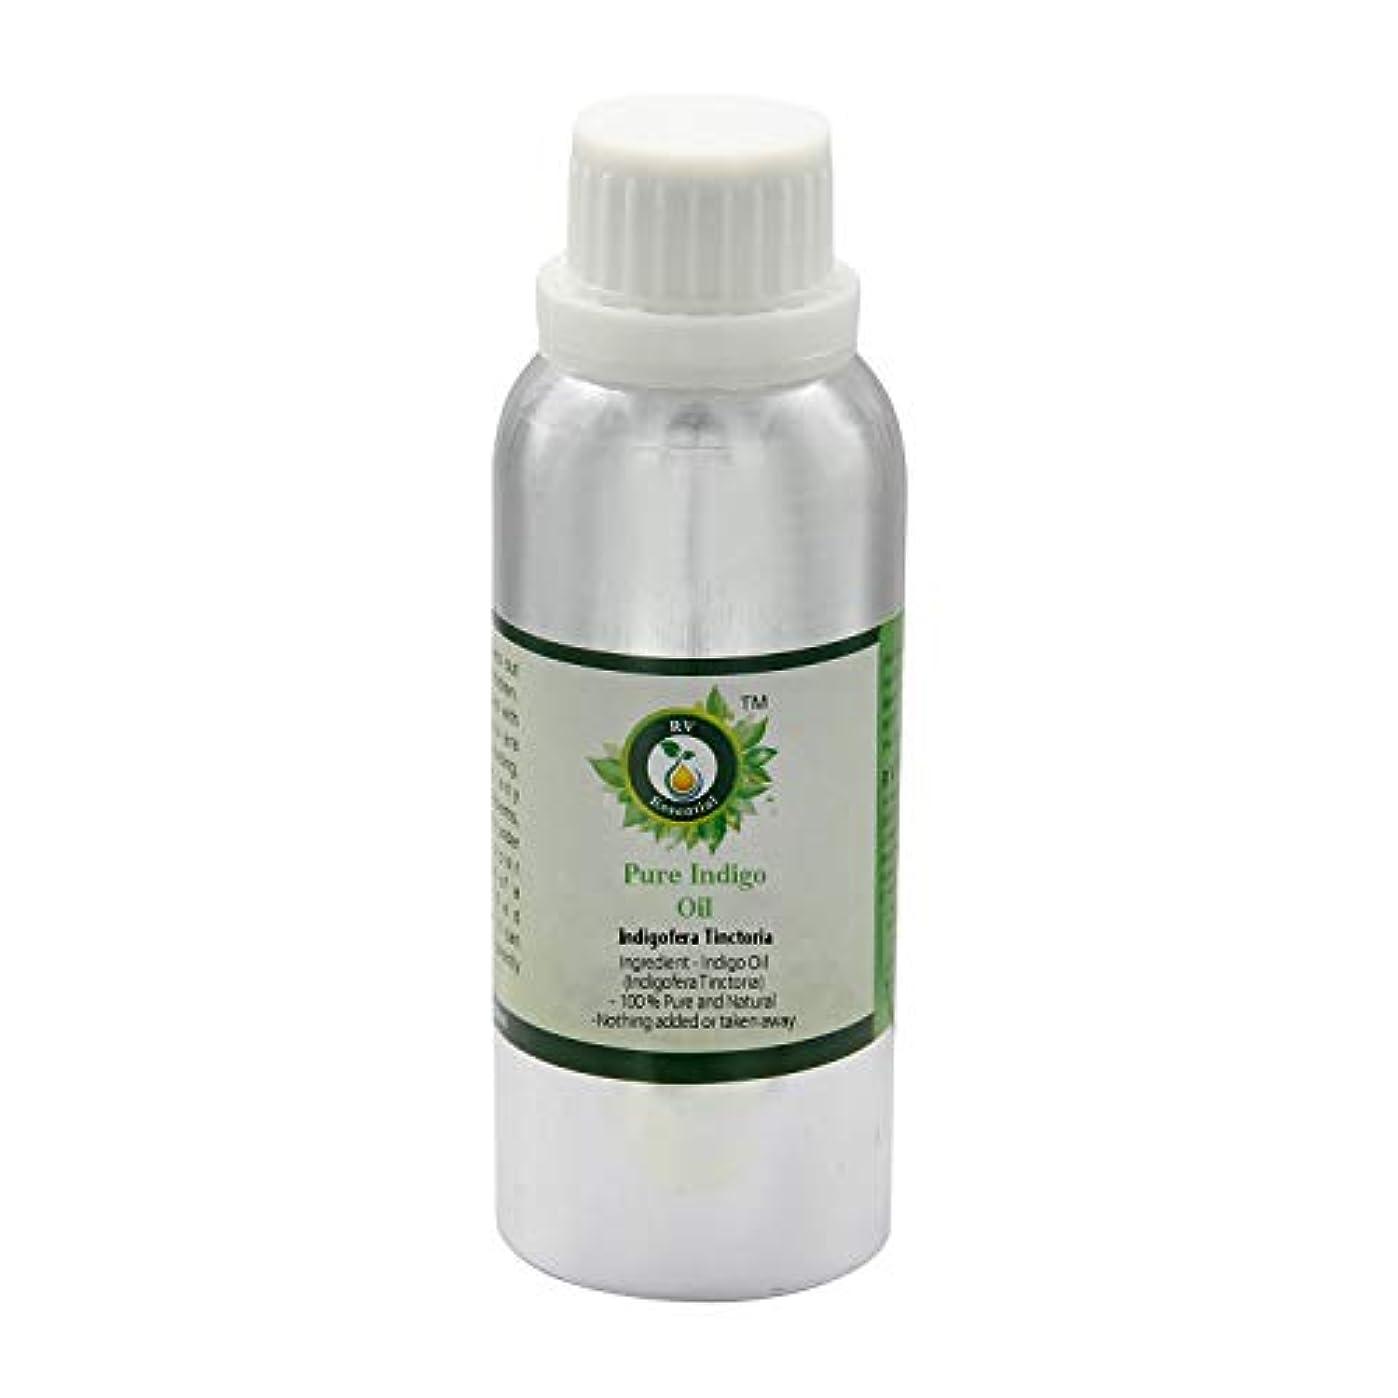 として価値のない気分ピュアインディゴオイル630ml (21oz)- Indigofera Tinctoria (100%純粋でナチュラル) Pure Indigo Oil